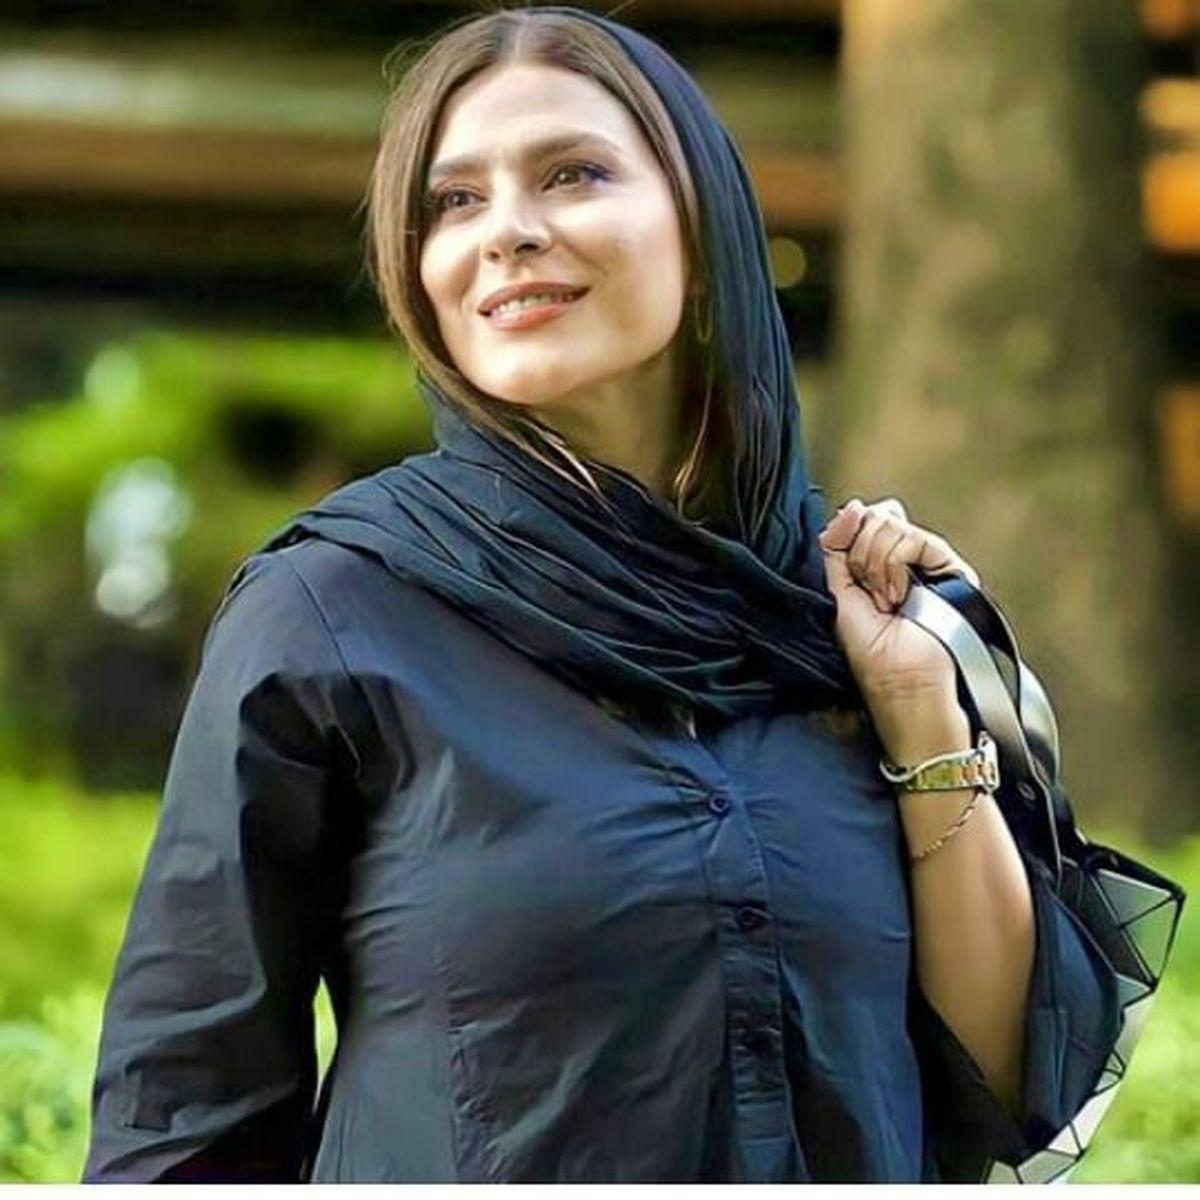 خوشگذرانی سحر دولتشاهی و همایون شجریان + عکس